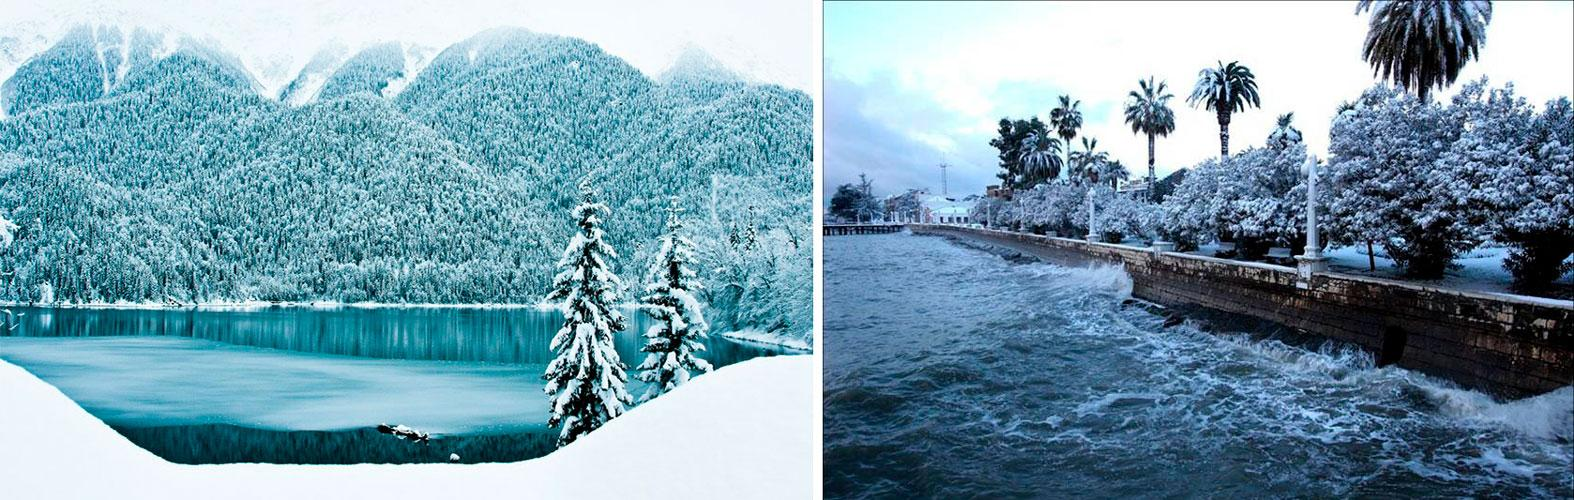 Стоит ли ехать в Абхазию зимой